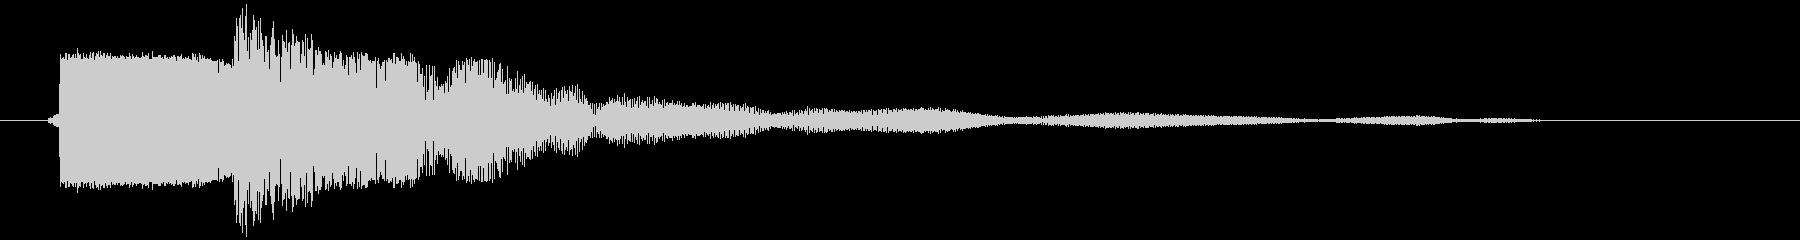 カキーン 金属音 衝撃音 打撃音の未再生の波形